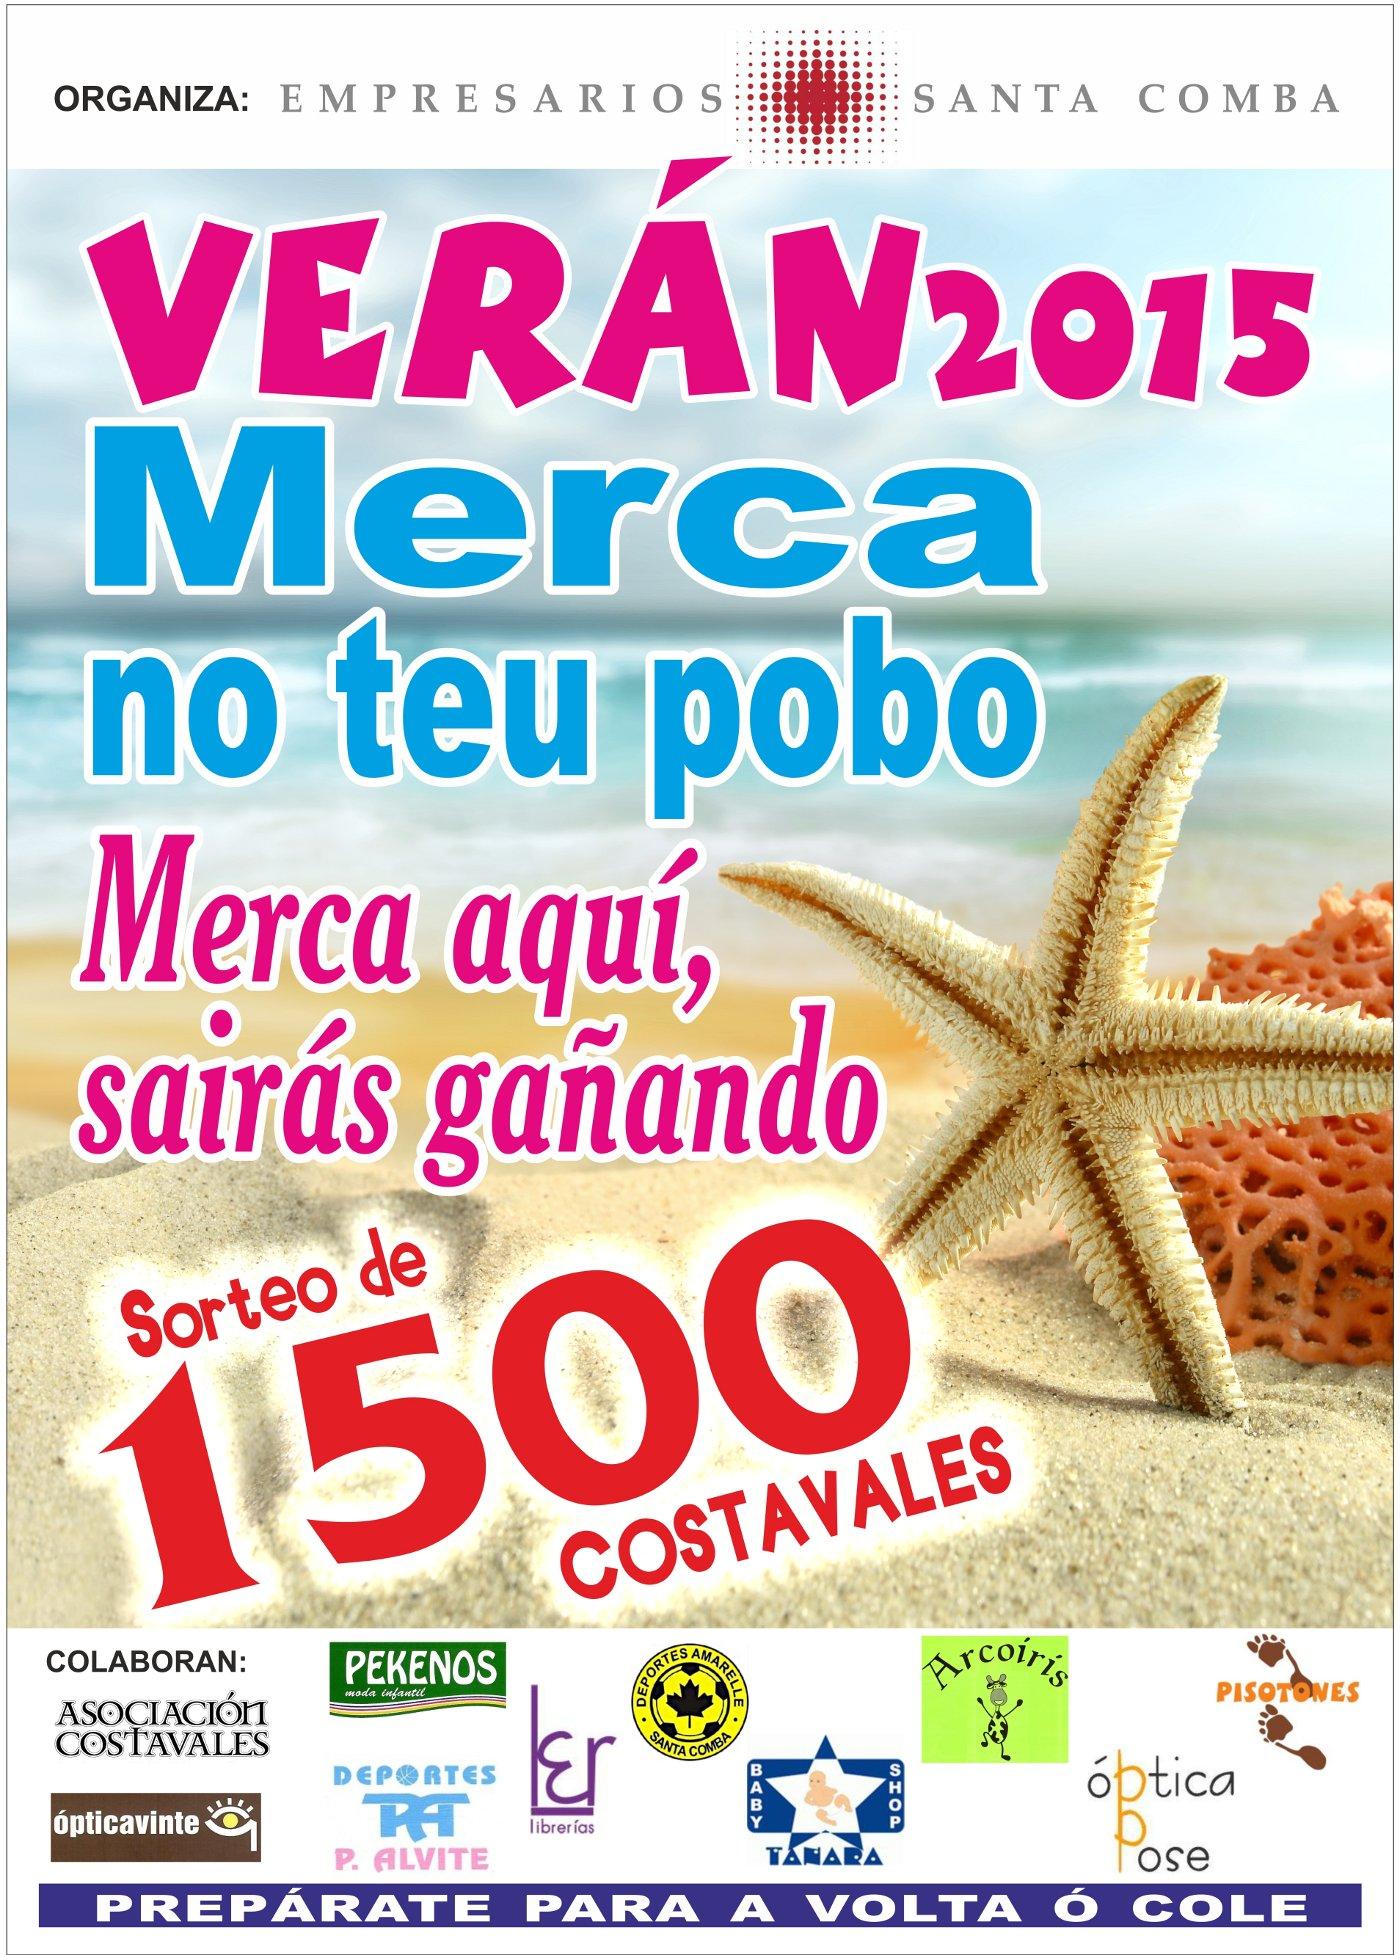 cartaz-veran-2015-empresarios-santa-comba-sorteo-costavales-w1400